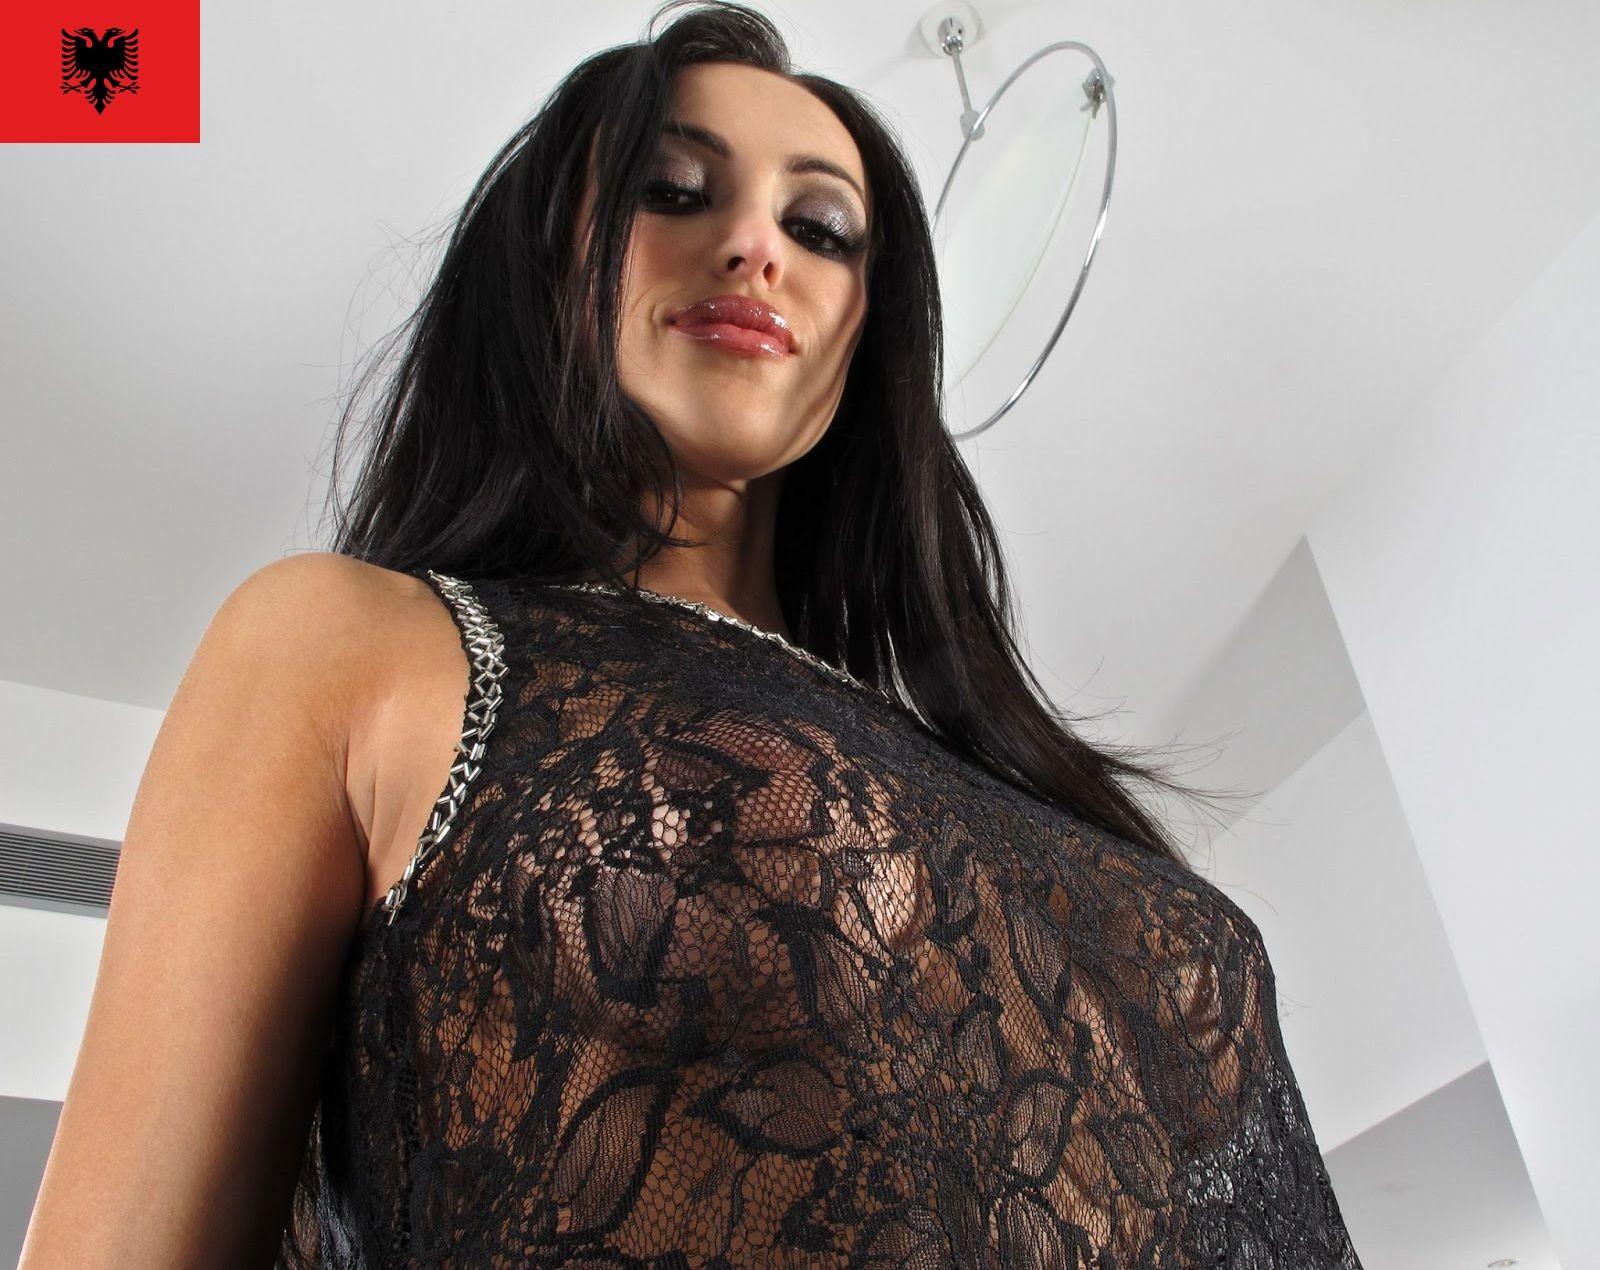 Албанская модель Бенедетта Хамзай показывает голую жопу